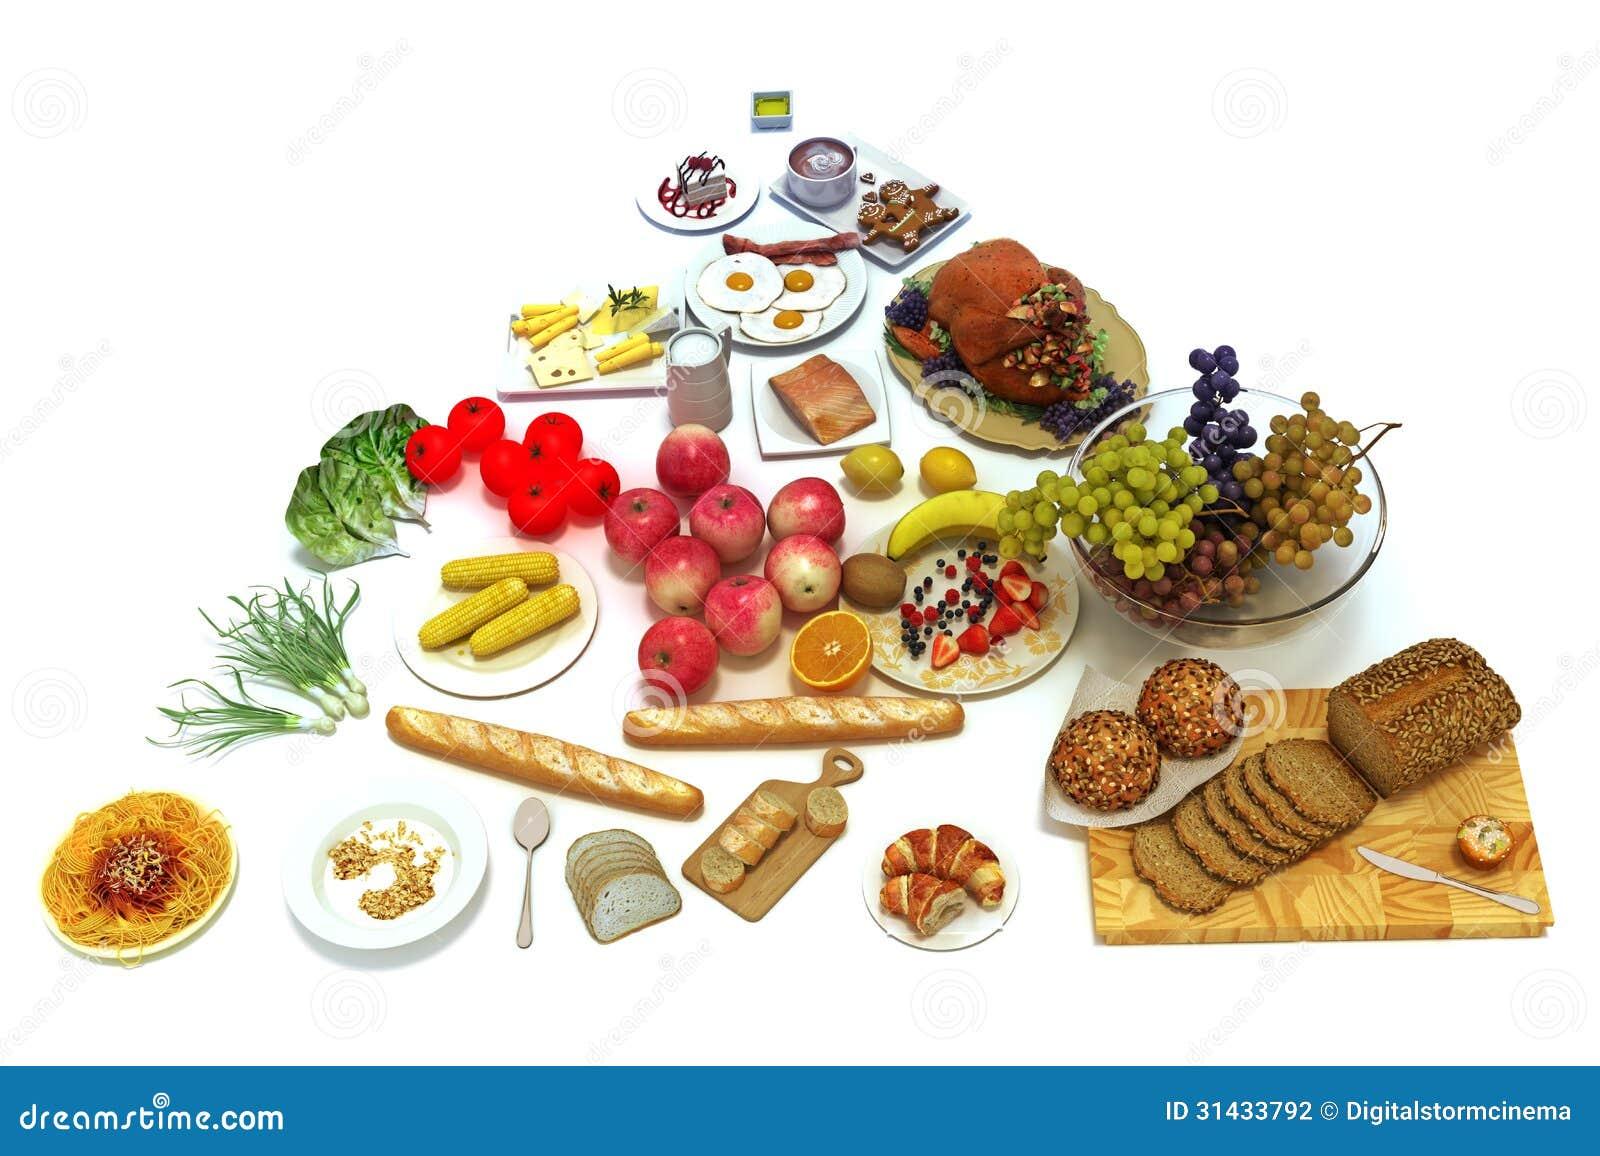 Pir mide de alimentaci n del concepto de grupos de for Dieta definicion